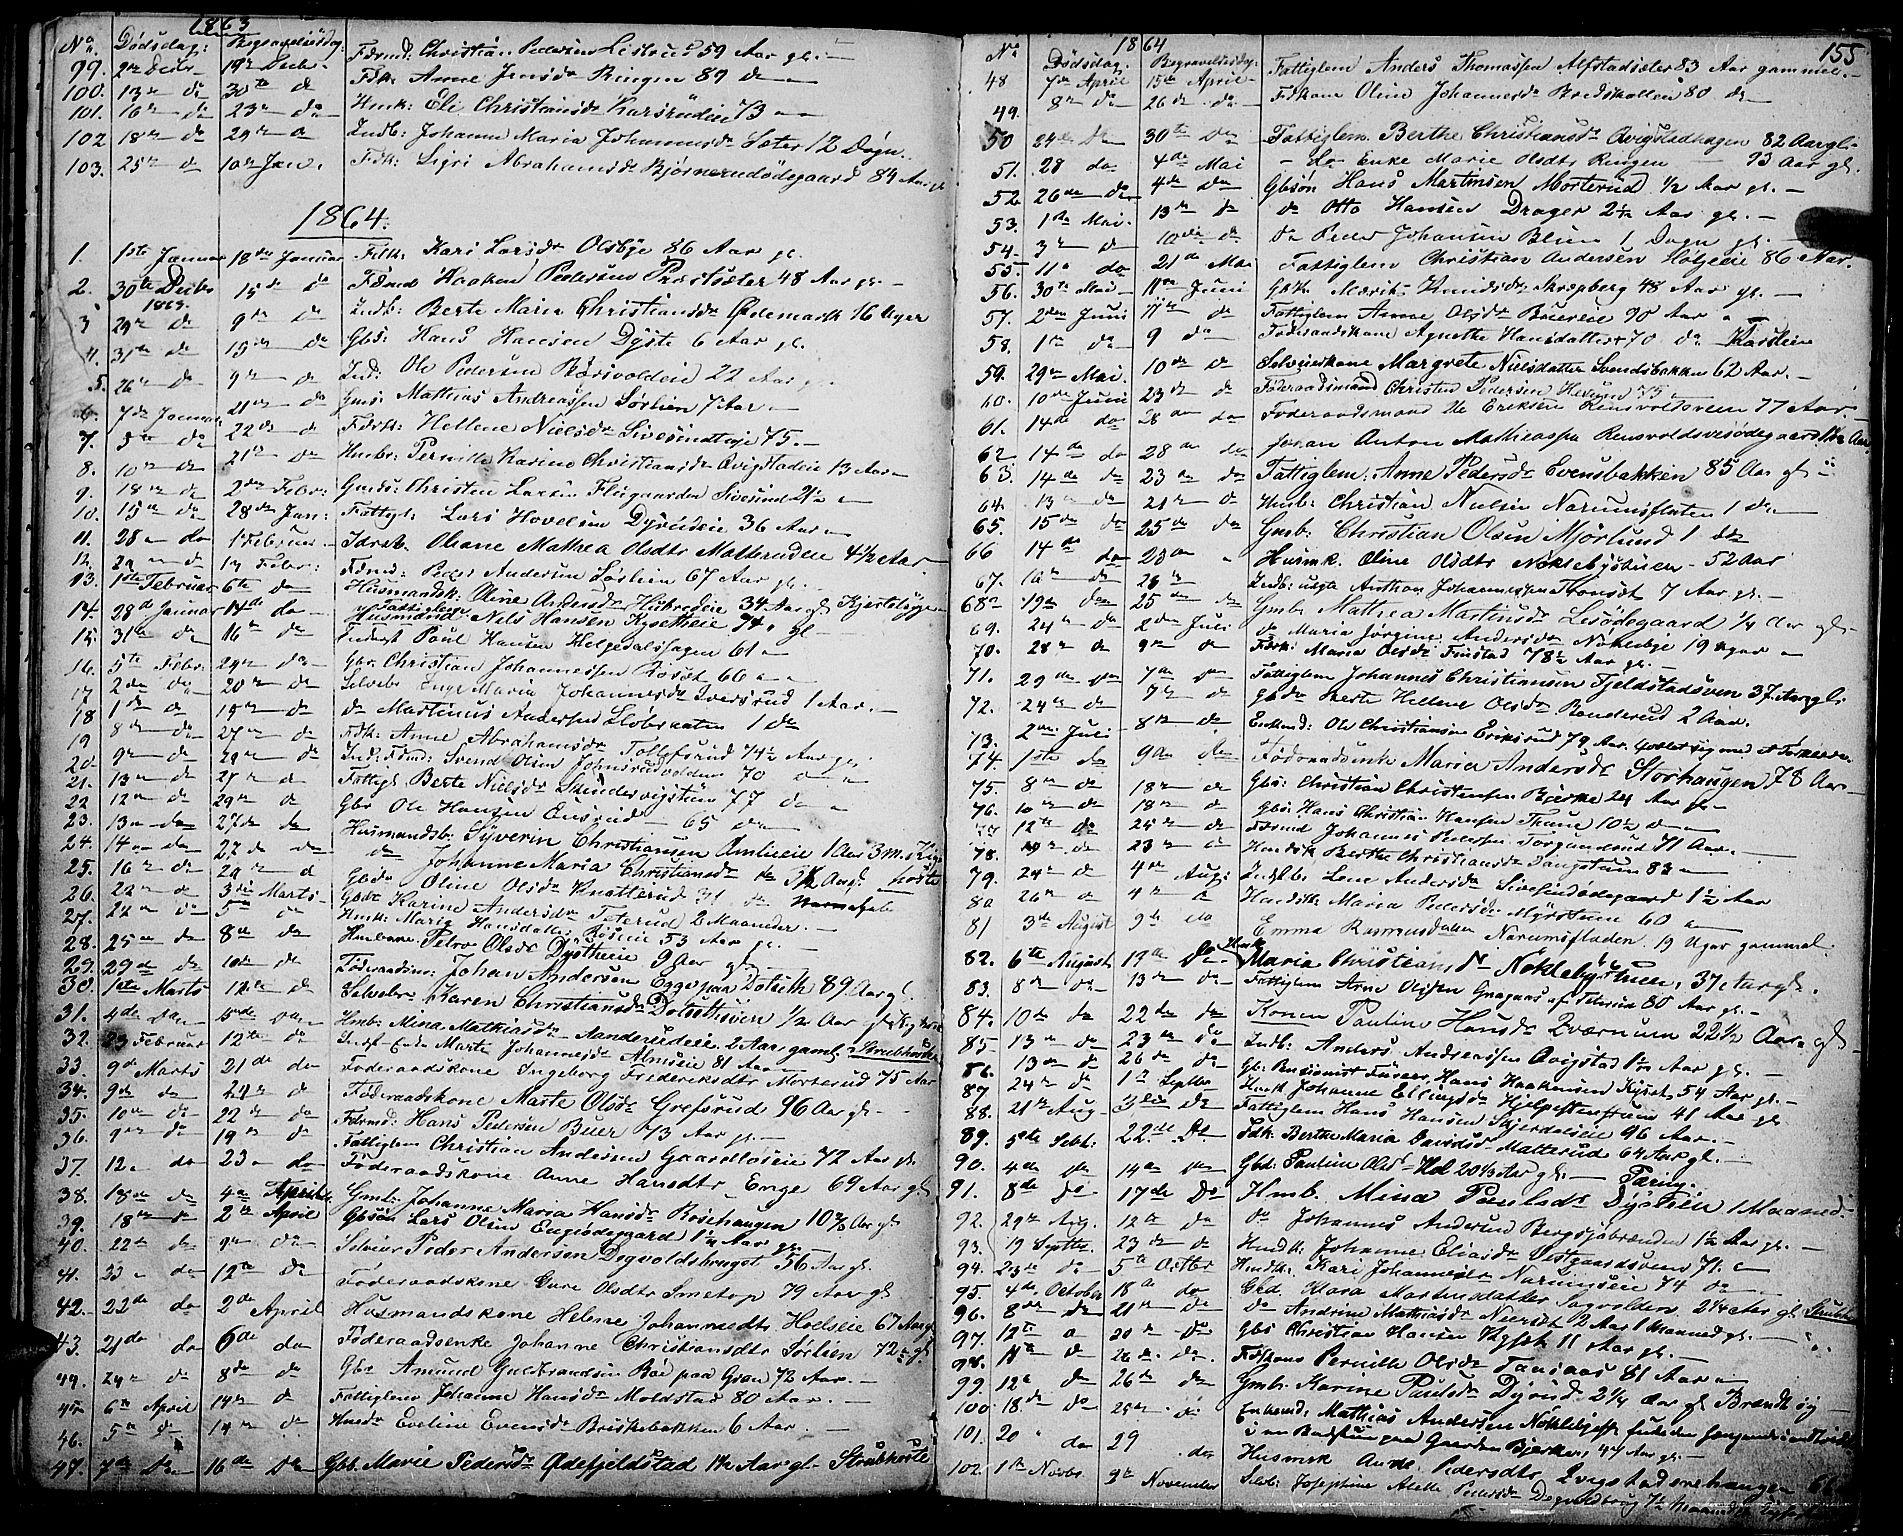 SAH, Vestre Toten prestekontor, Klokkerbok nr. 5, 1854-1870, s. 155